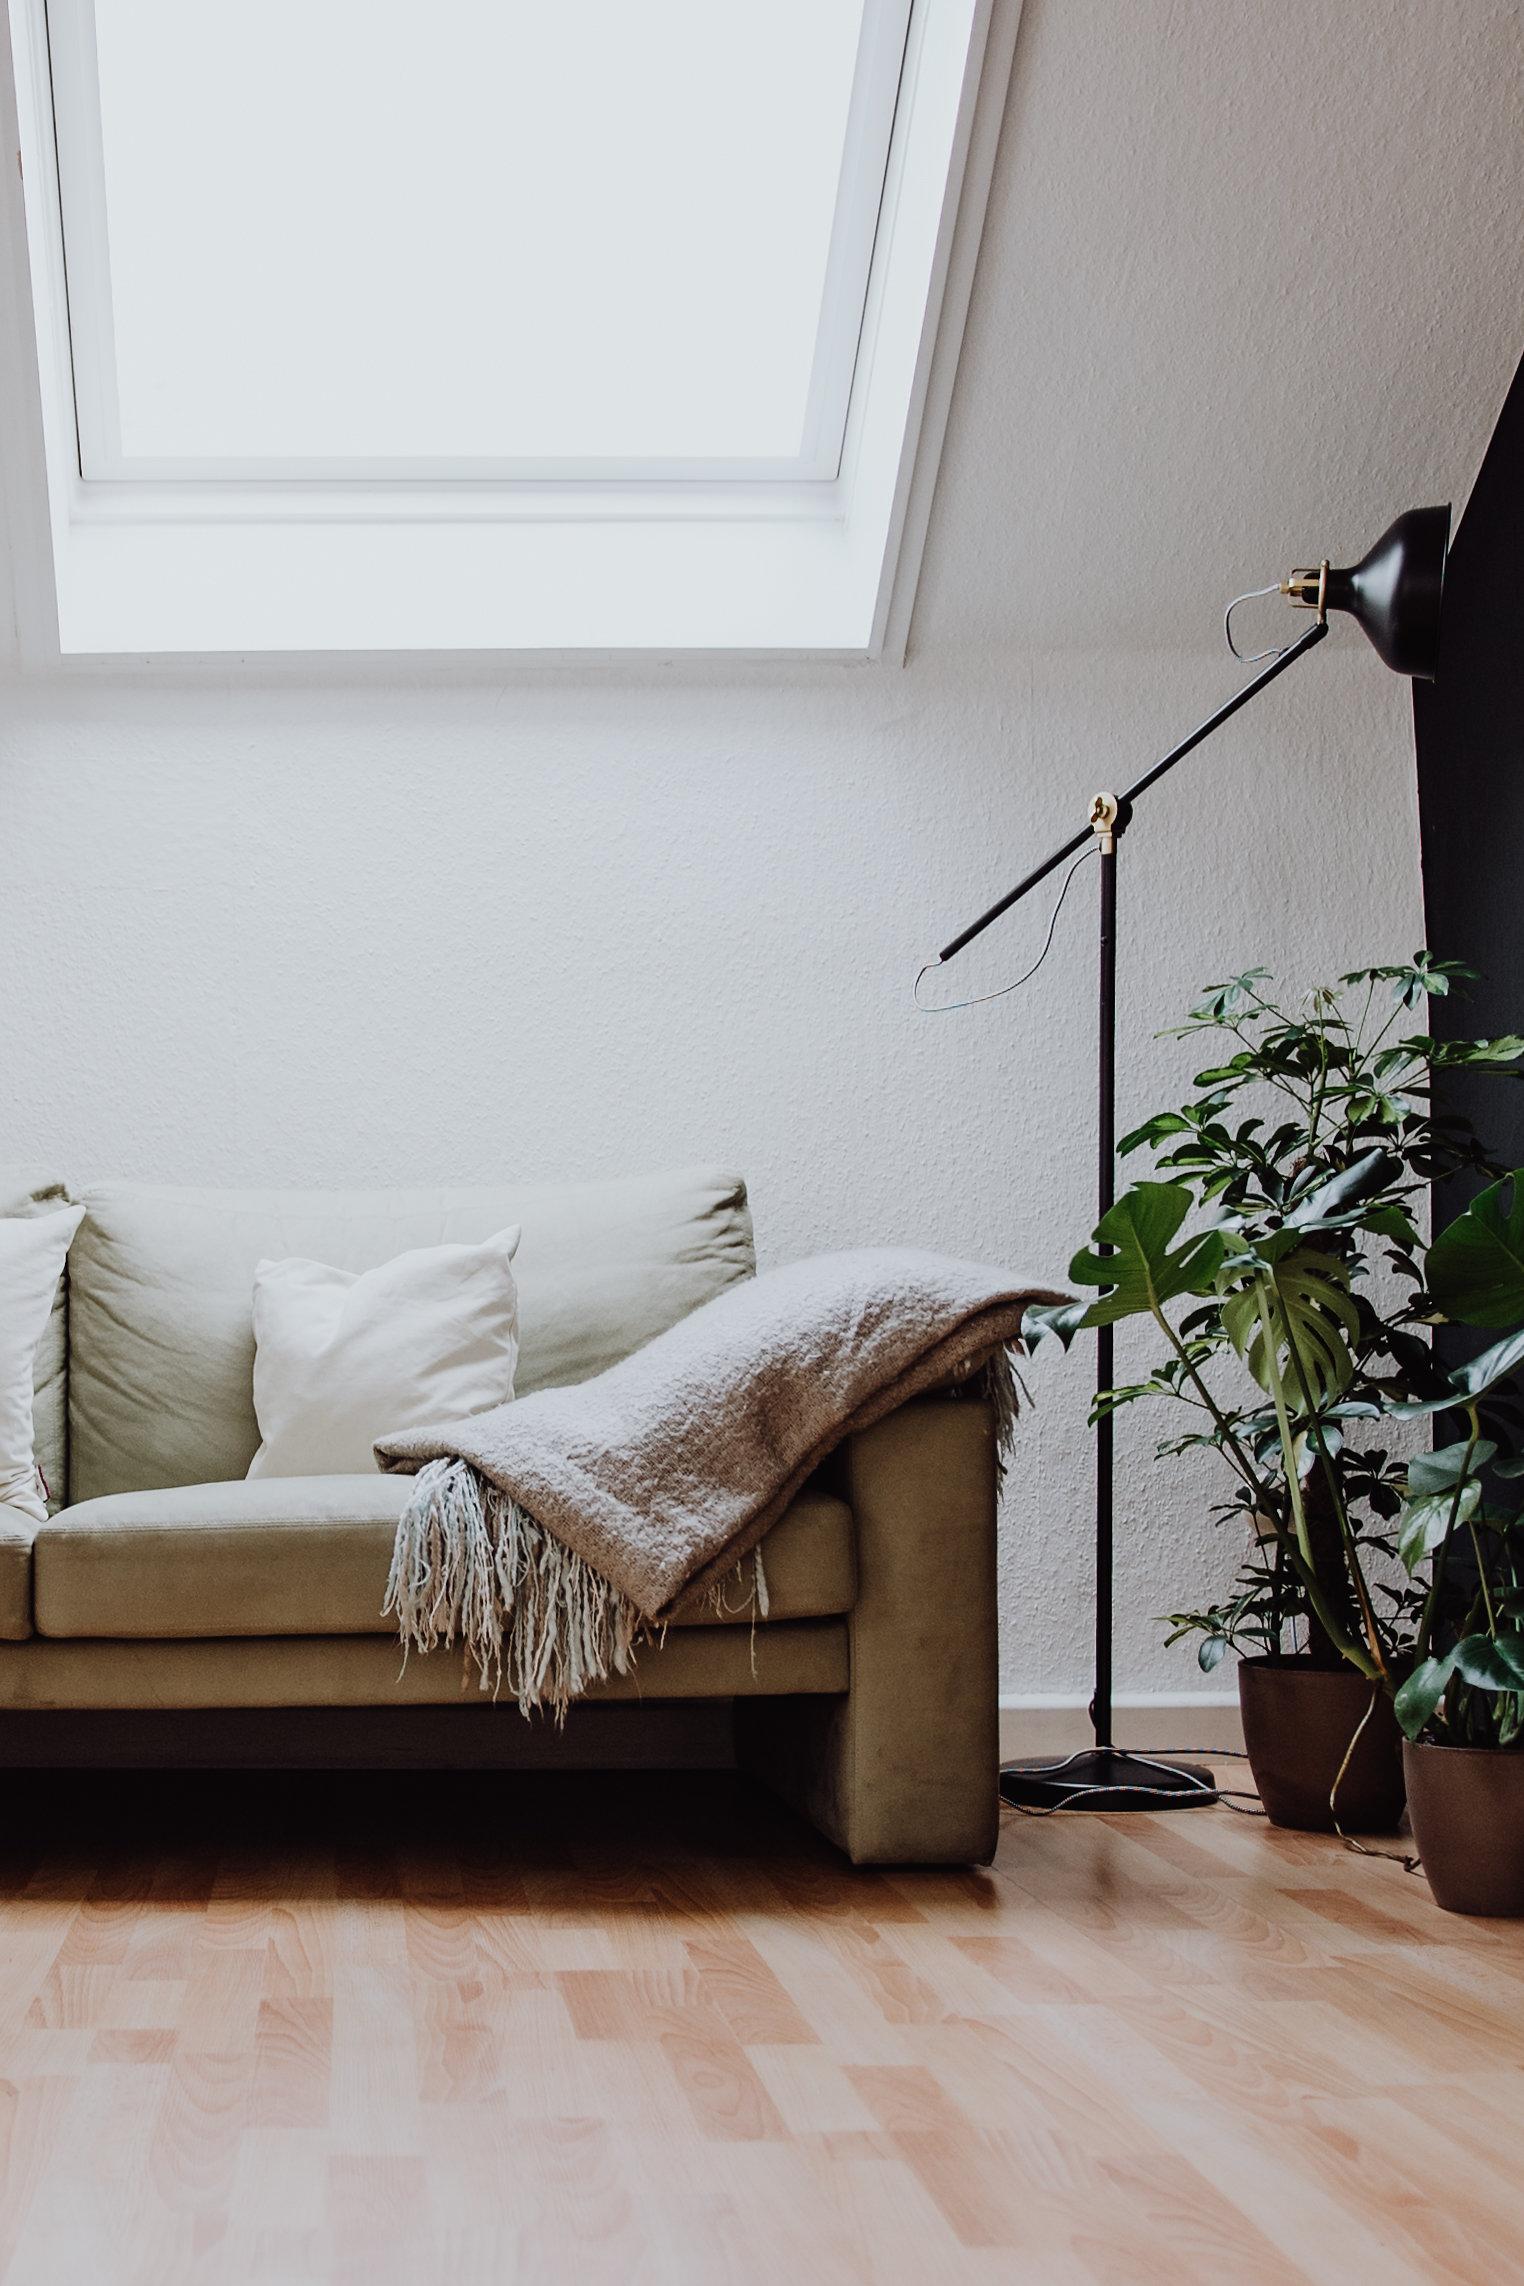 Hereinspaziert in meine Frankfurter Wohnung: Homestory – so wohne ich!